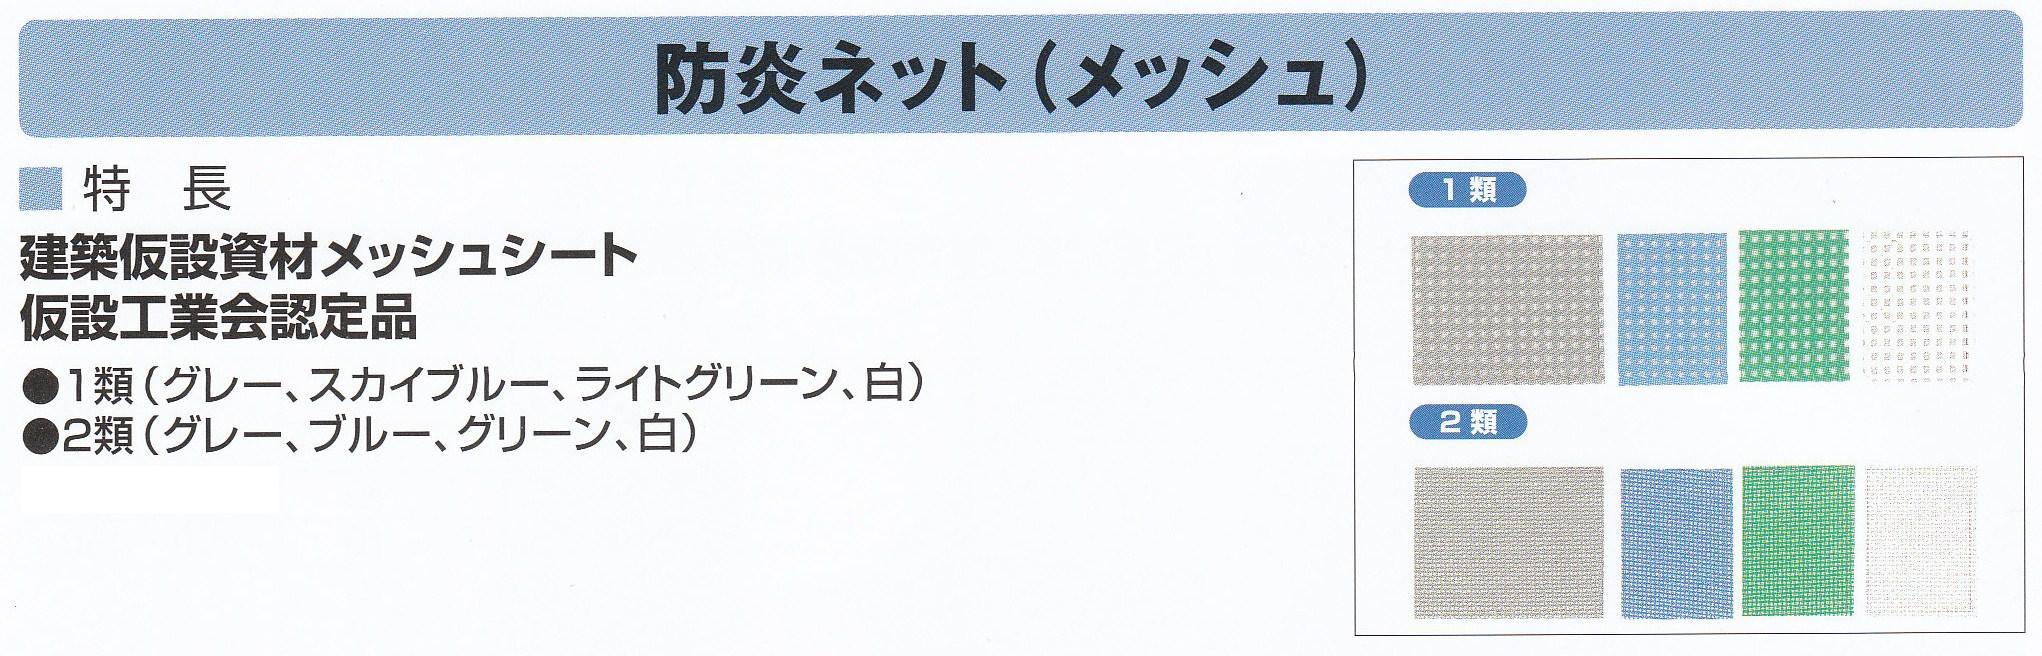 防災ネット(メッシュ 輸入品) 送料無料!(1.8m×5.4m 50枚/セット)